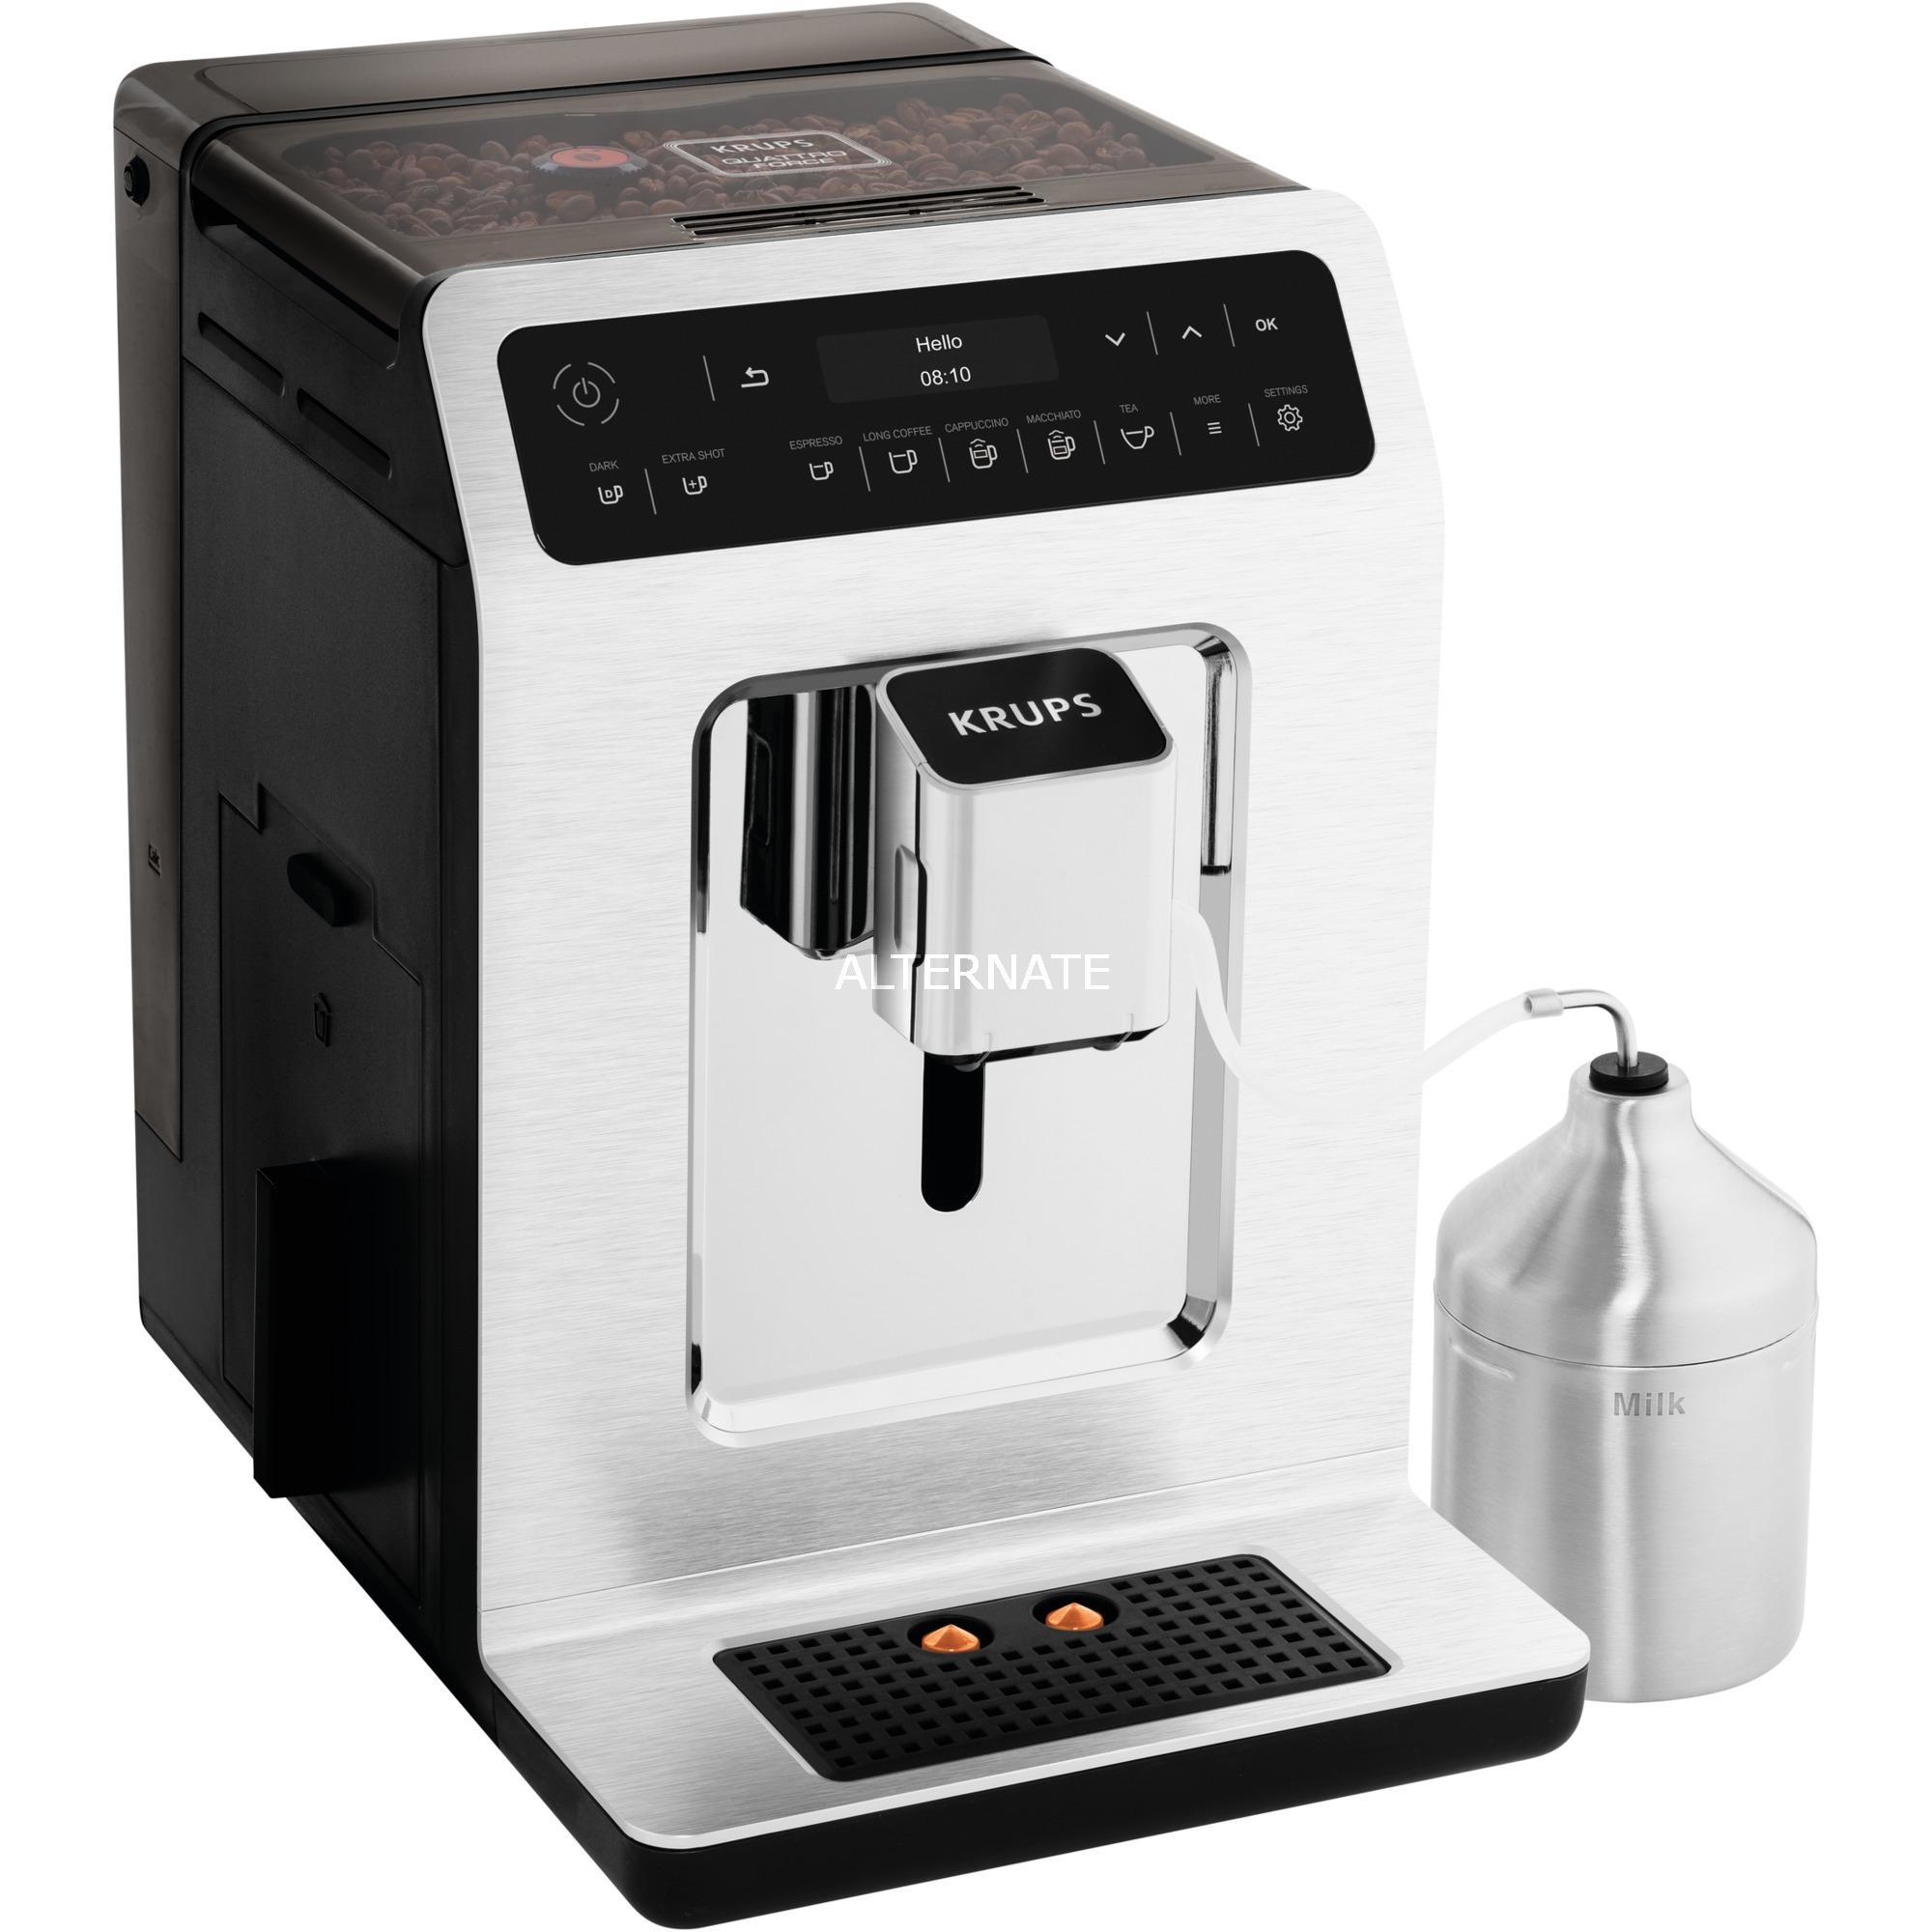 Evidence EA891C Independiente Totalmente automática Máquina espresso 2.3L 2tazas Cromo, Metálico cafetera eléctrica, Superautomática